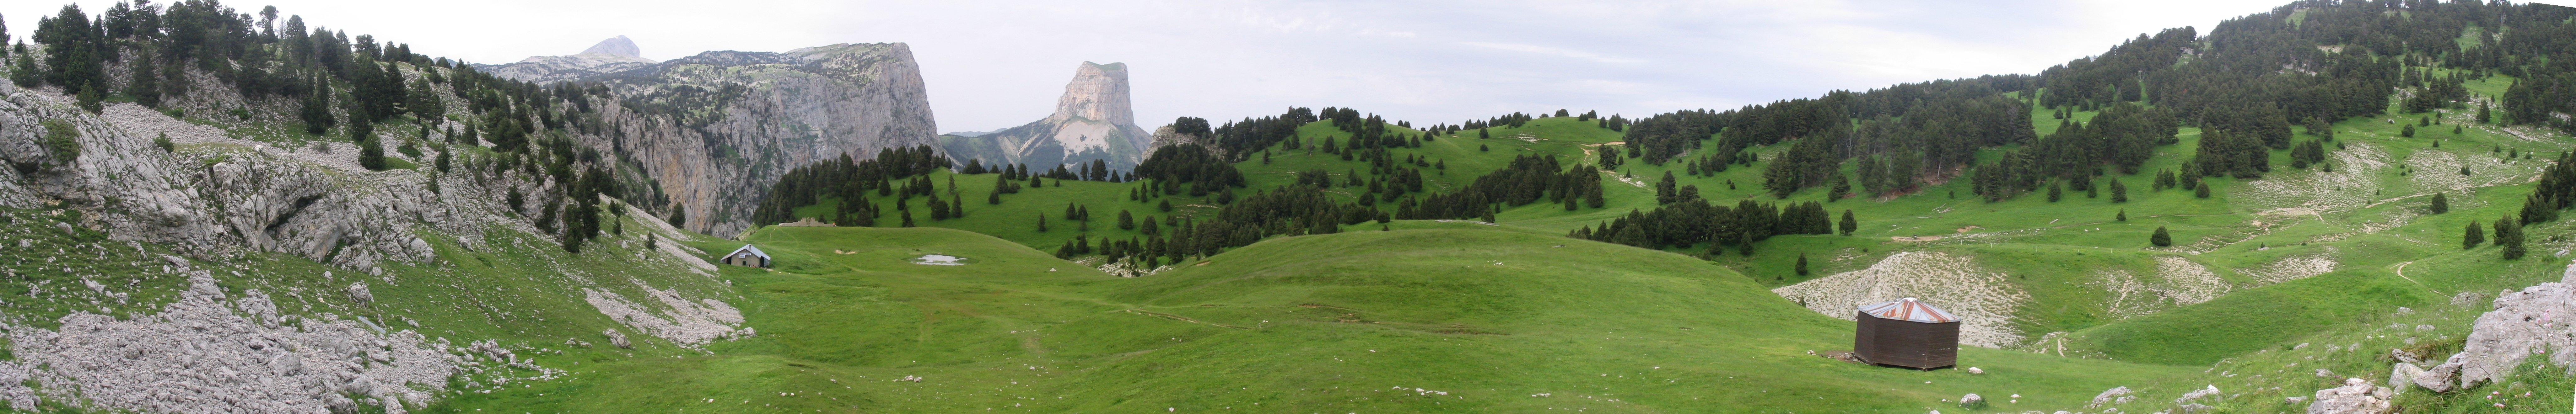 Panoramiqu tes d finition exemple et image - Definition de panoramique ...